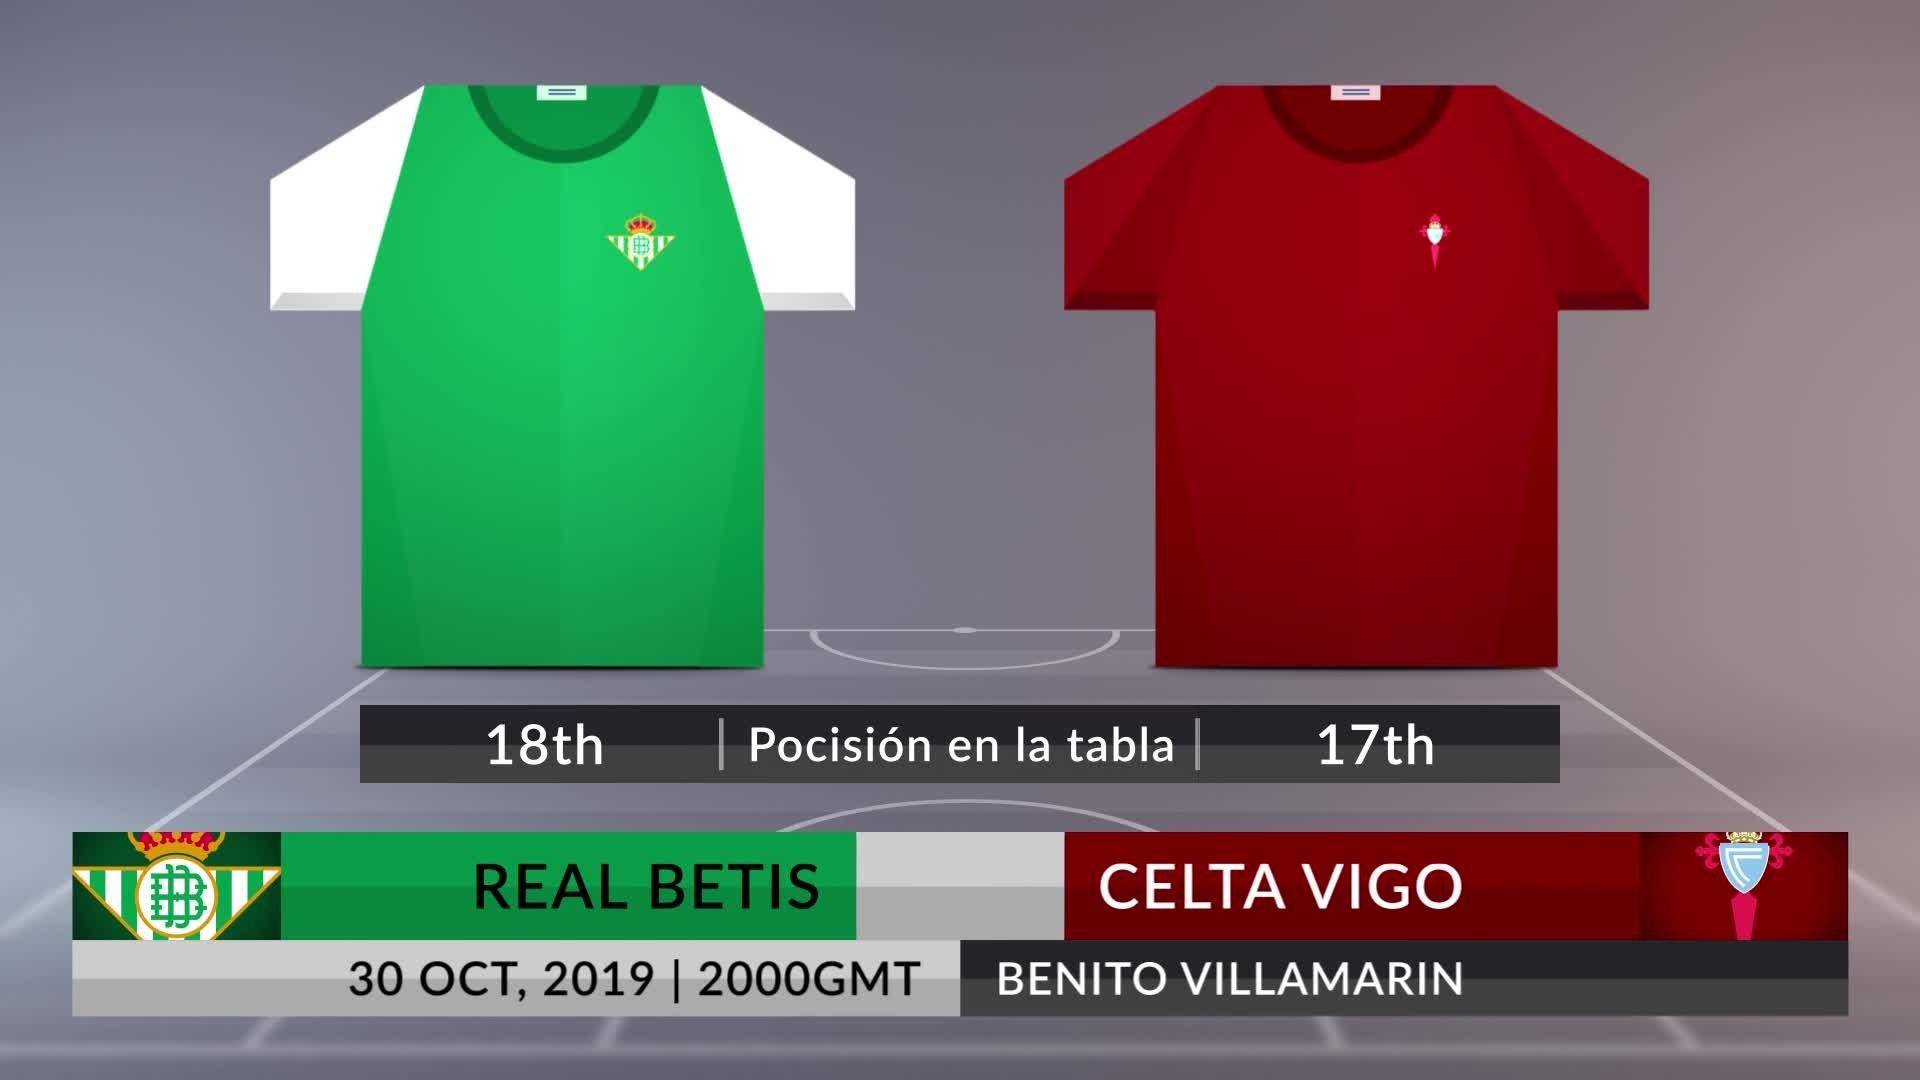 Match Preview: Real Betis vs Celta Vigo on 30/10/2019